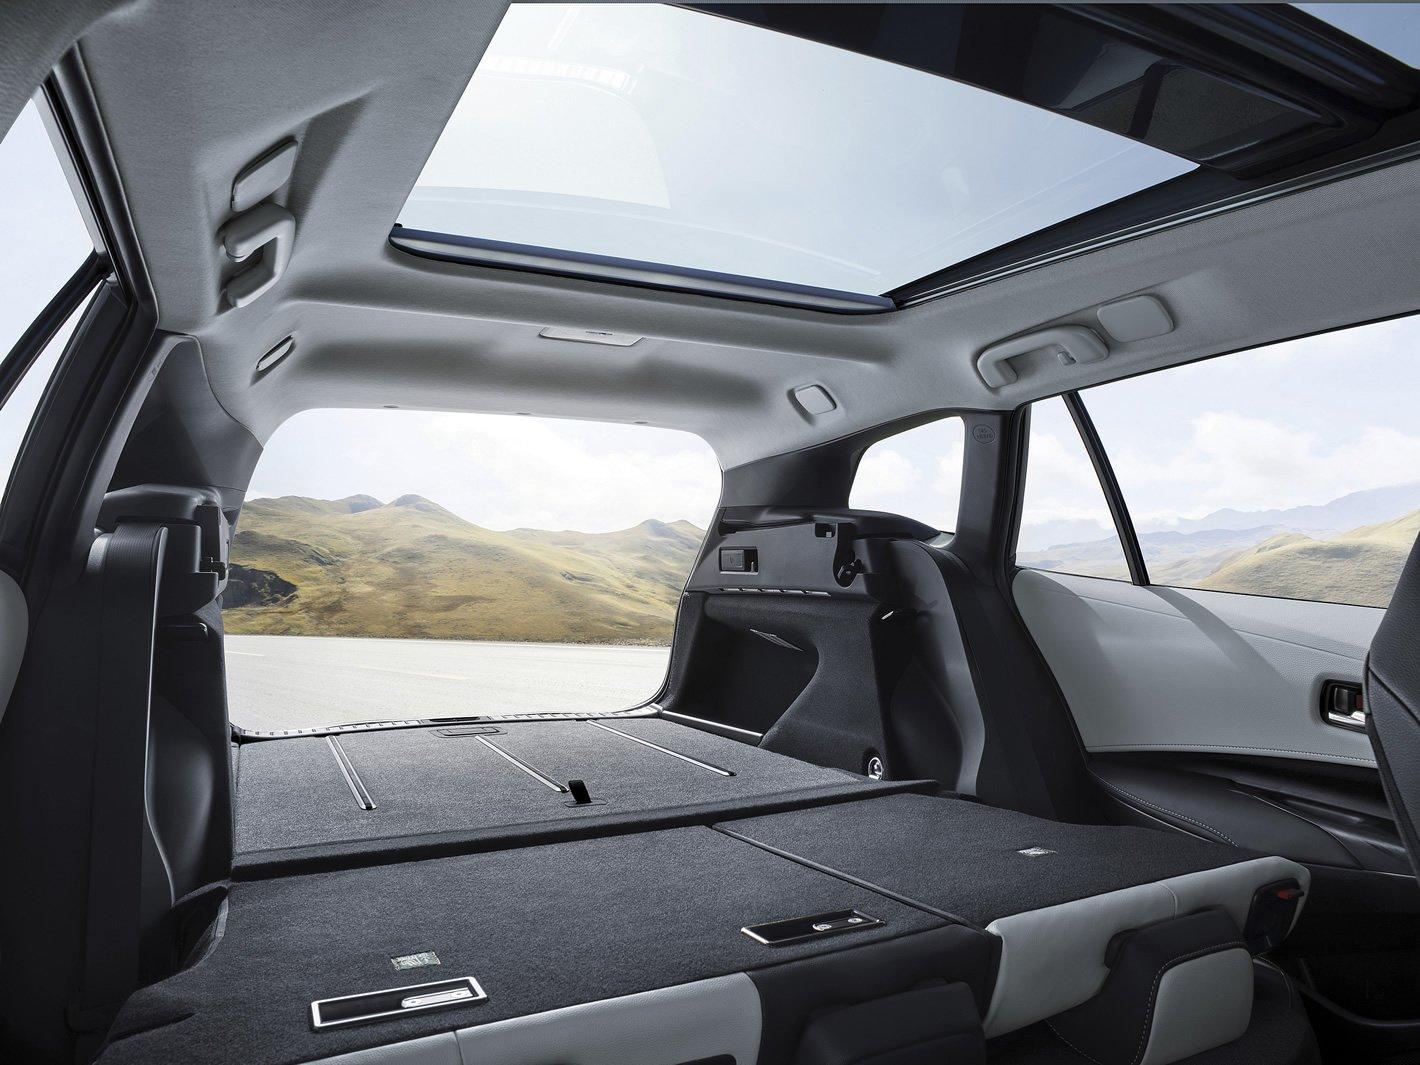 Toyota Corolla Touring Sports - bagażnik ze złożonymi siedzeniami